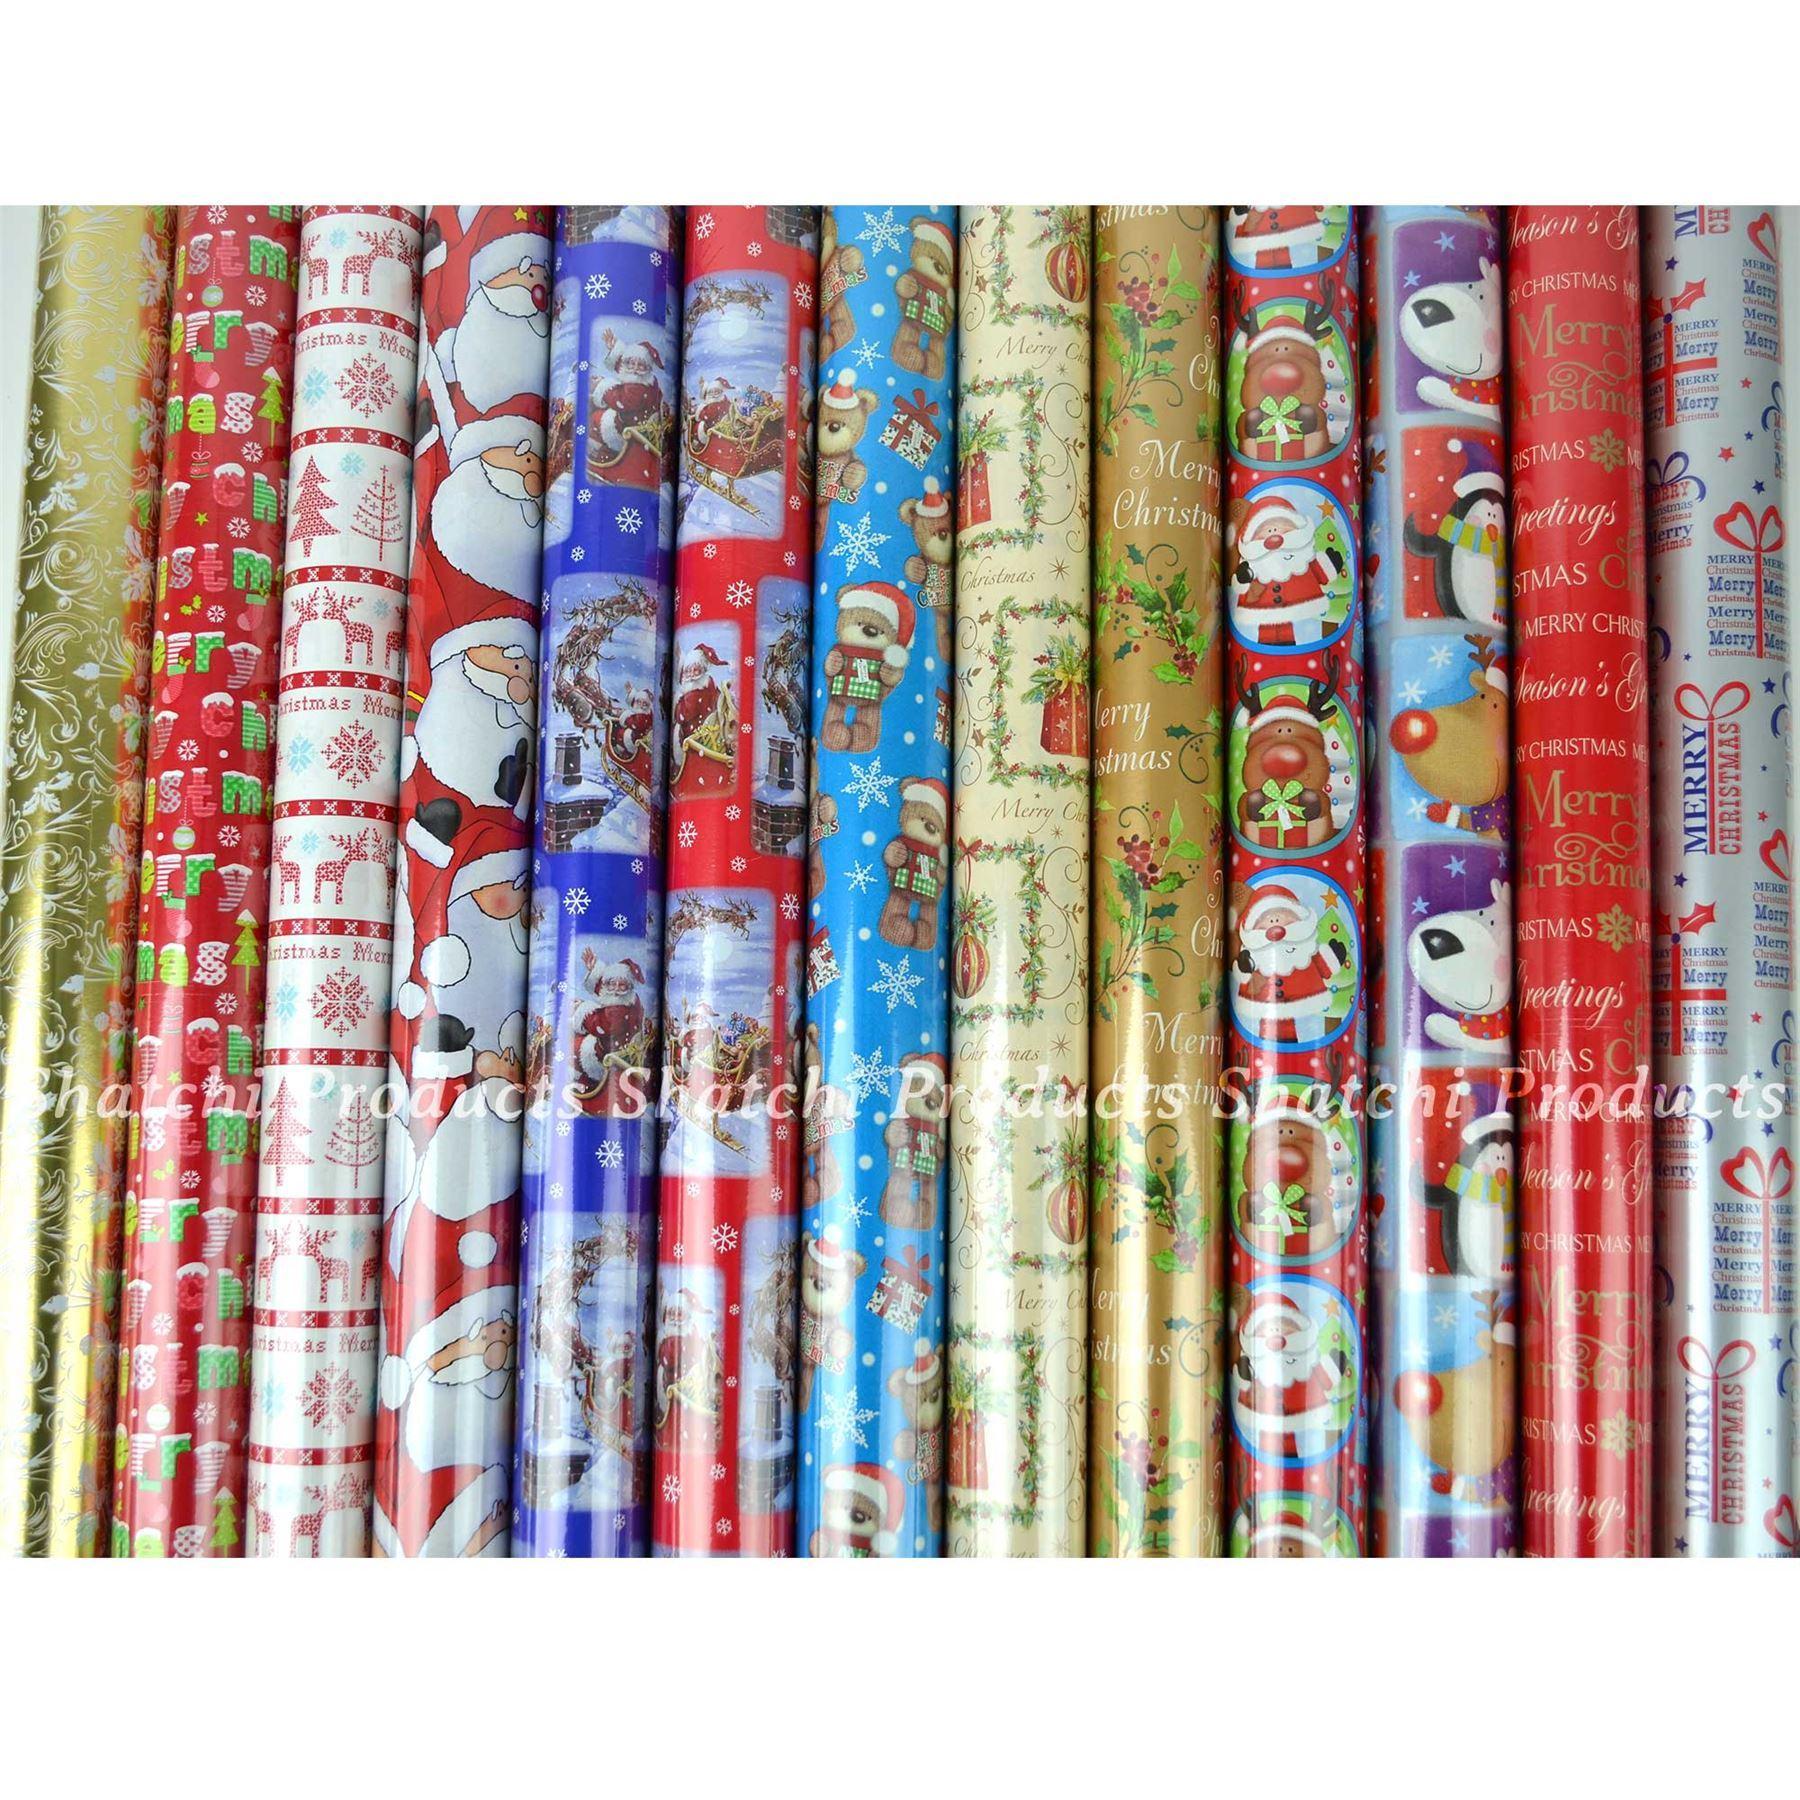 10M-Natale-Regalo-Wrap-Assortiti-ROTOLI-DI-CARTA-DA-PACCO-ROTOLO-REGALO-DI-NATALE miniatura 9